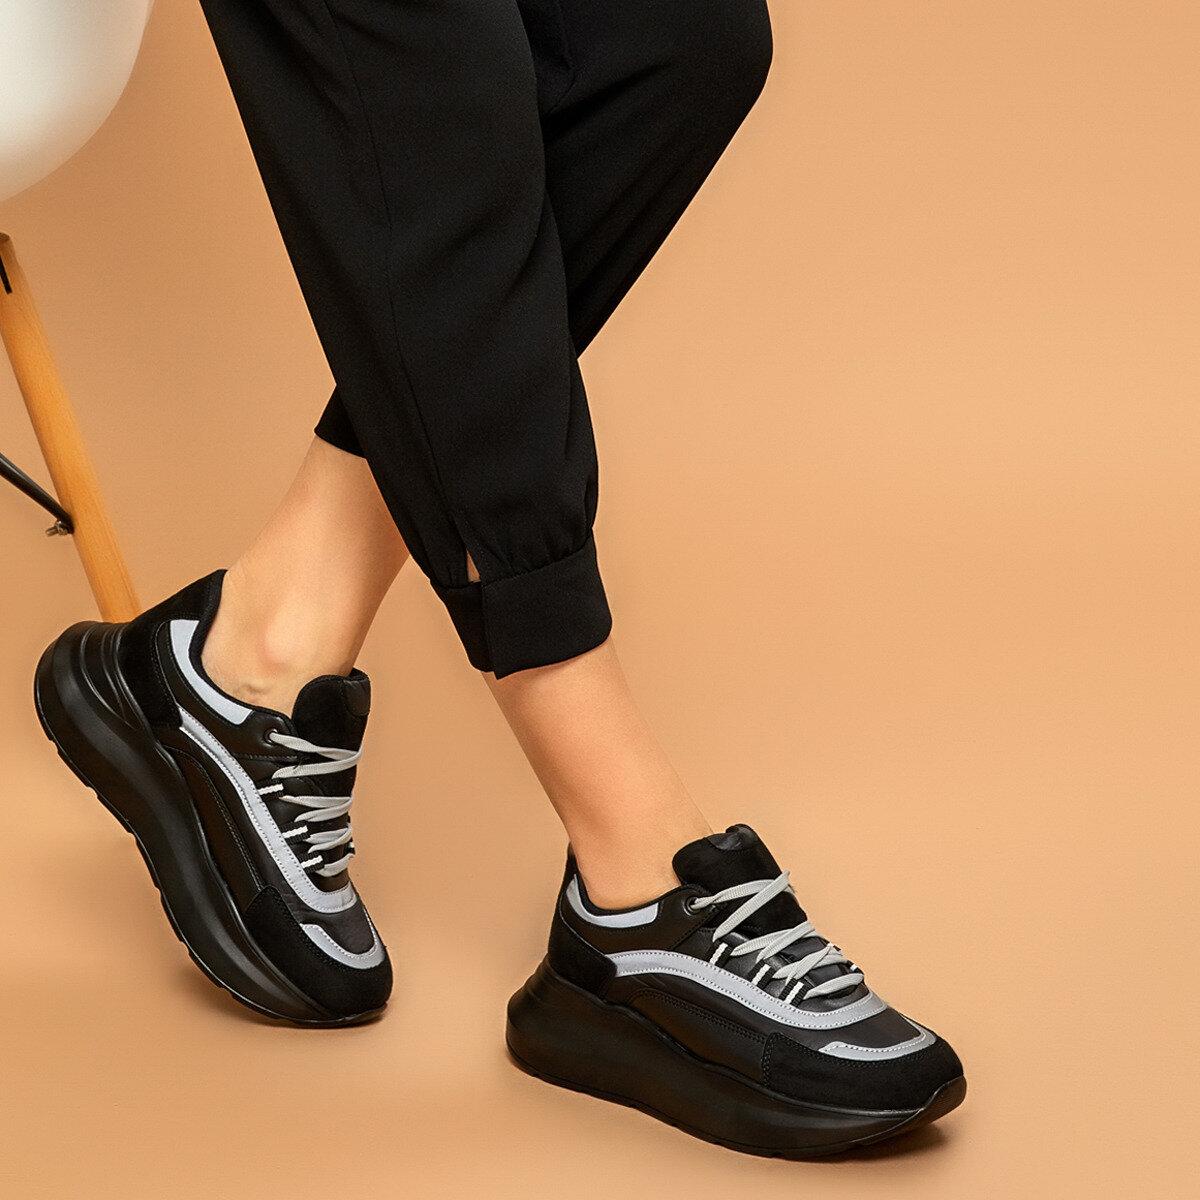 FLO 19SF-2058 Black Women 'S Sneaker Shoes BUTIGO